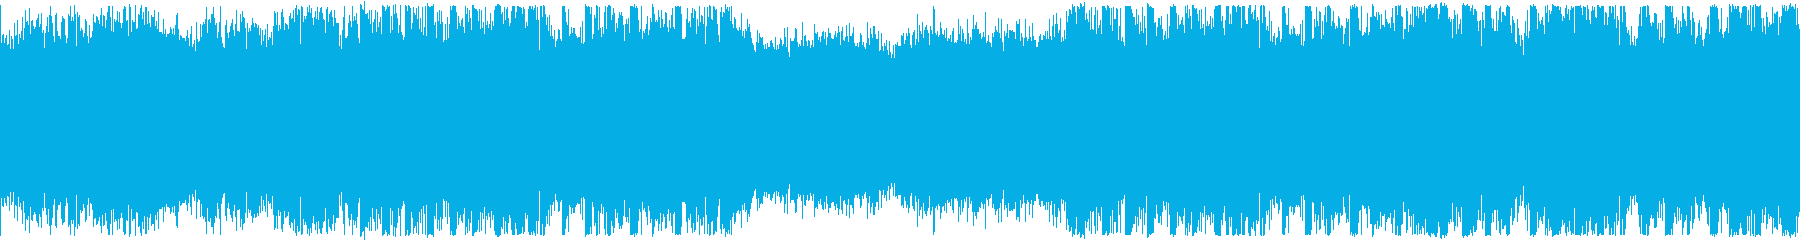 ループ・映像・おしゃれなEDMの再生済みの波形